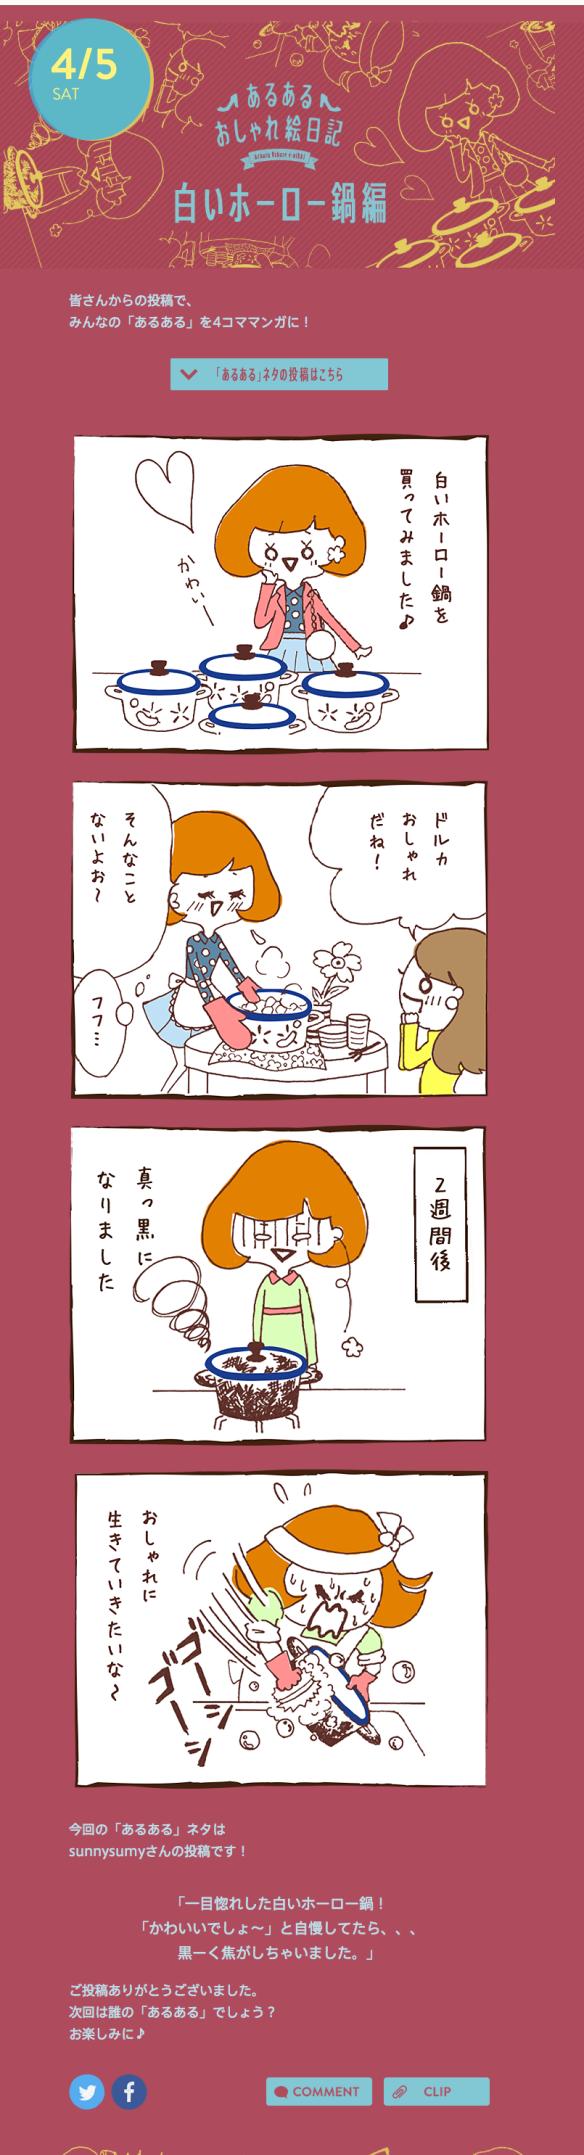 白いホーロー鍋編 あるあるおしゃれ絵日記 Café Daily Magazine KIRIN